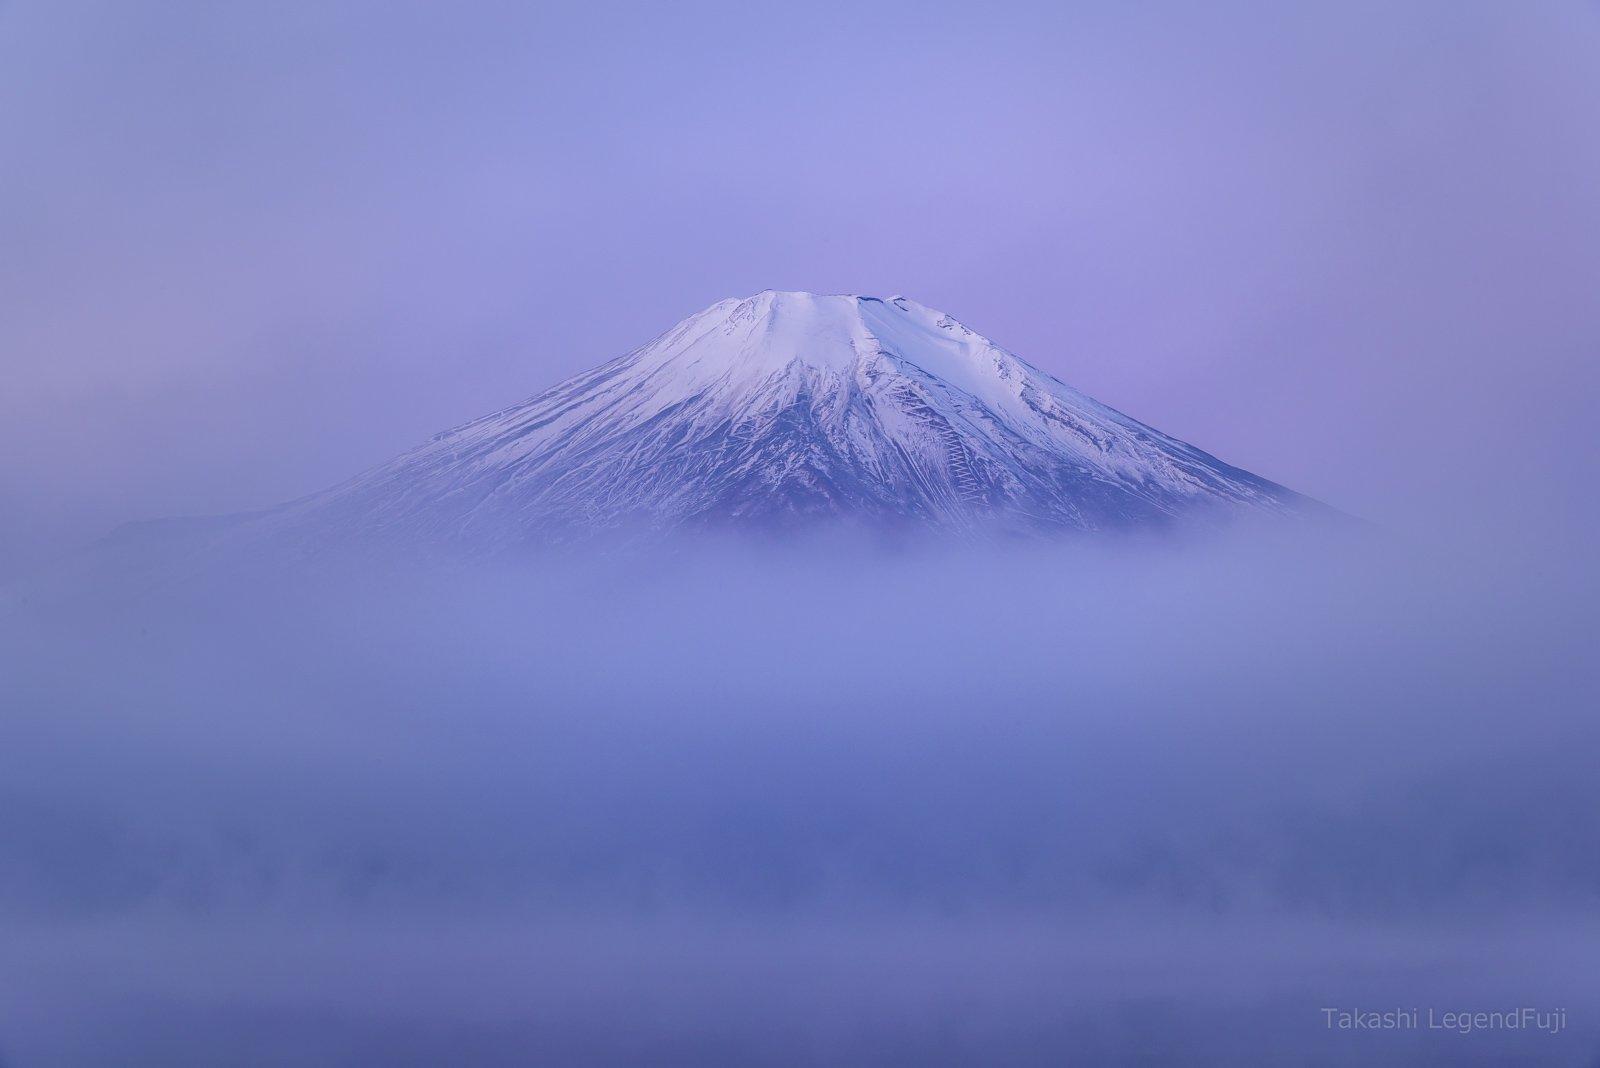 Fuji,mountain,landscape,cloud,fog,gas,lake,water,snow,peak,morning,dawn,white,blue,pink,Japan, Takashi